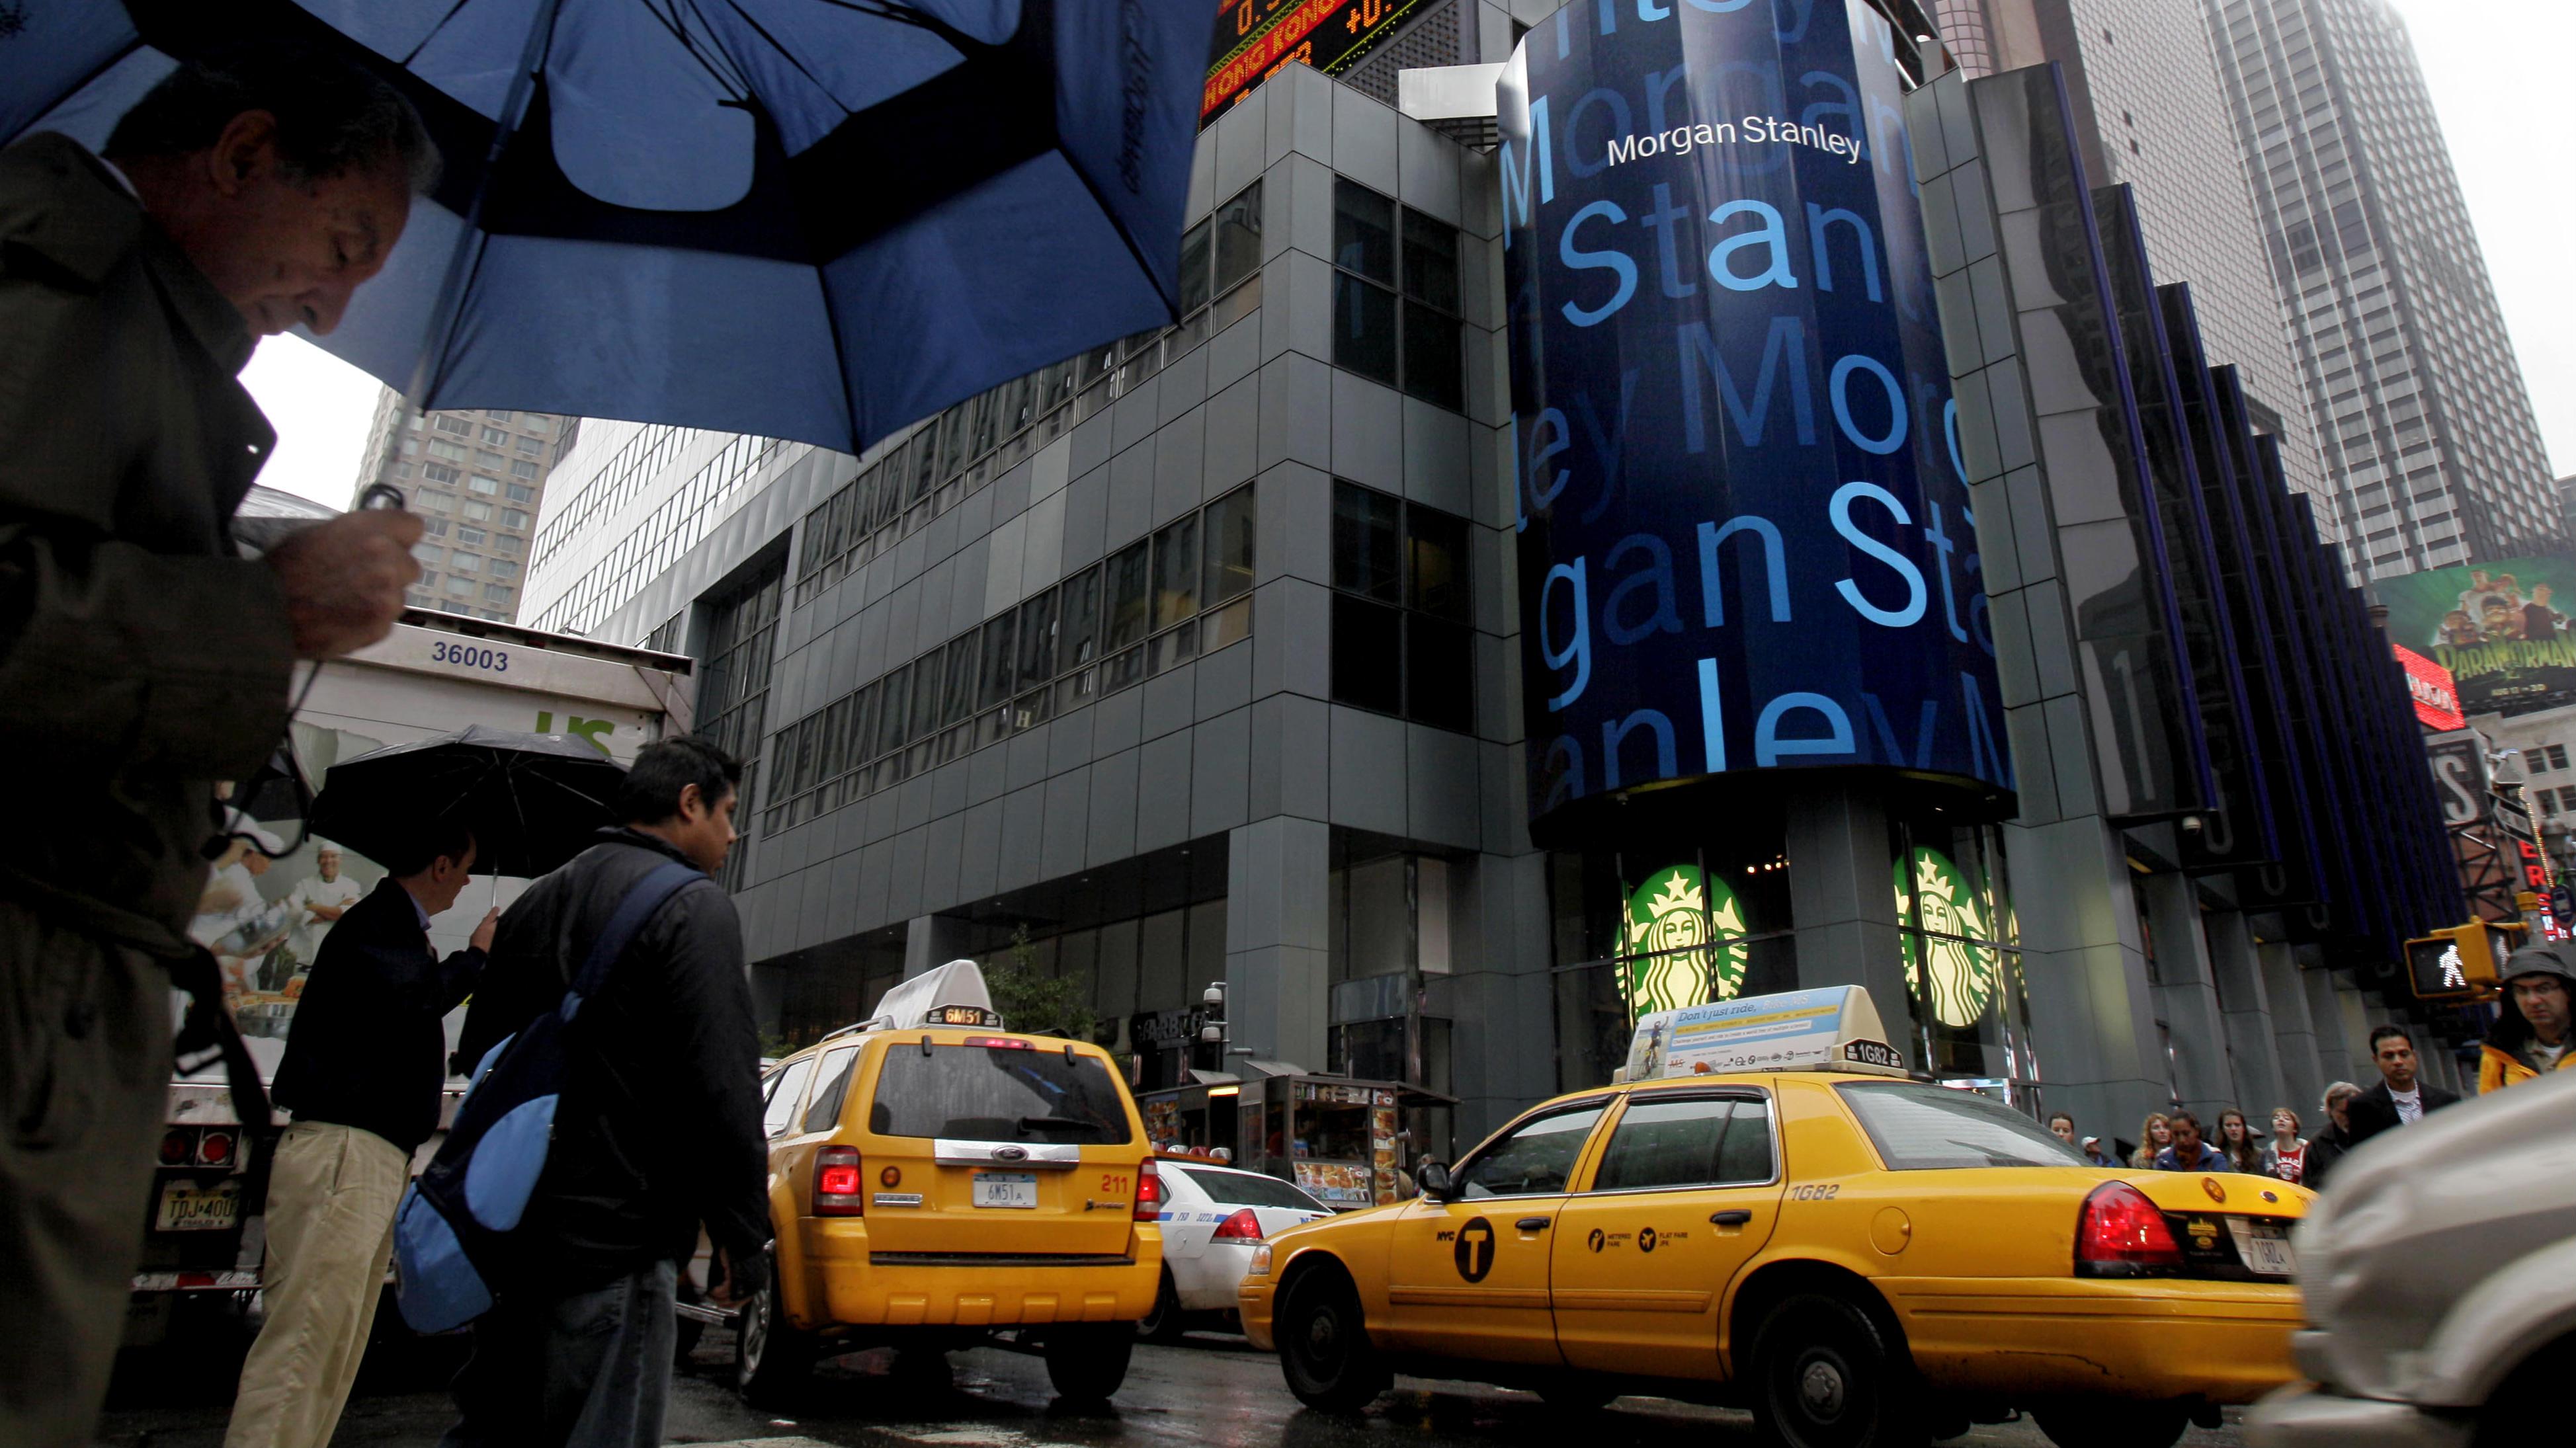 Morgan Stanley investment banker bonuses fell